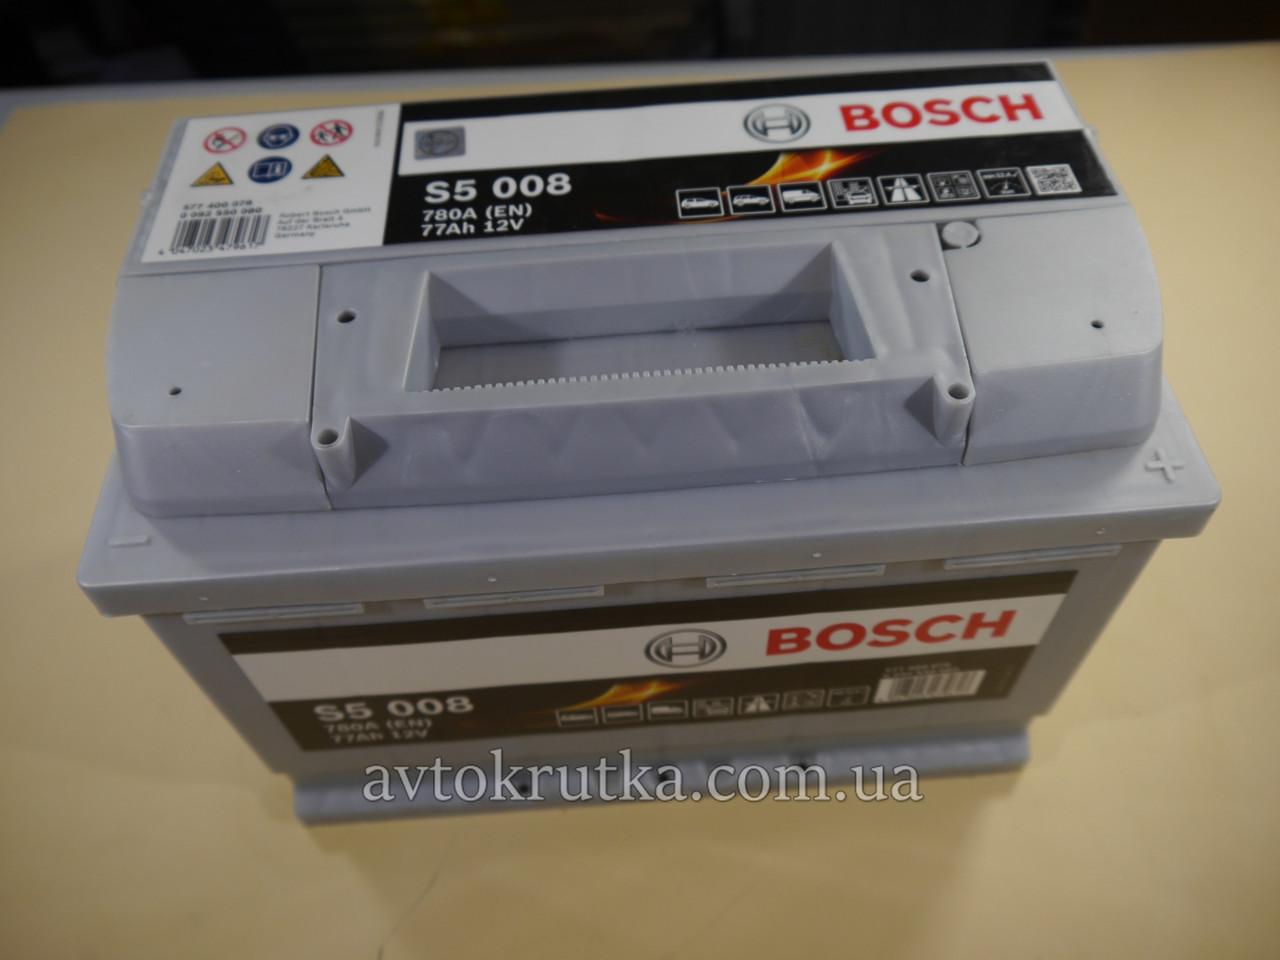 Аккумулятор Bosch S5 008 Silver Plus 77Ah 12V